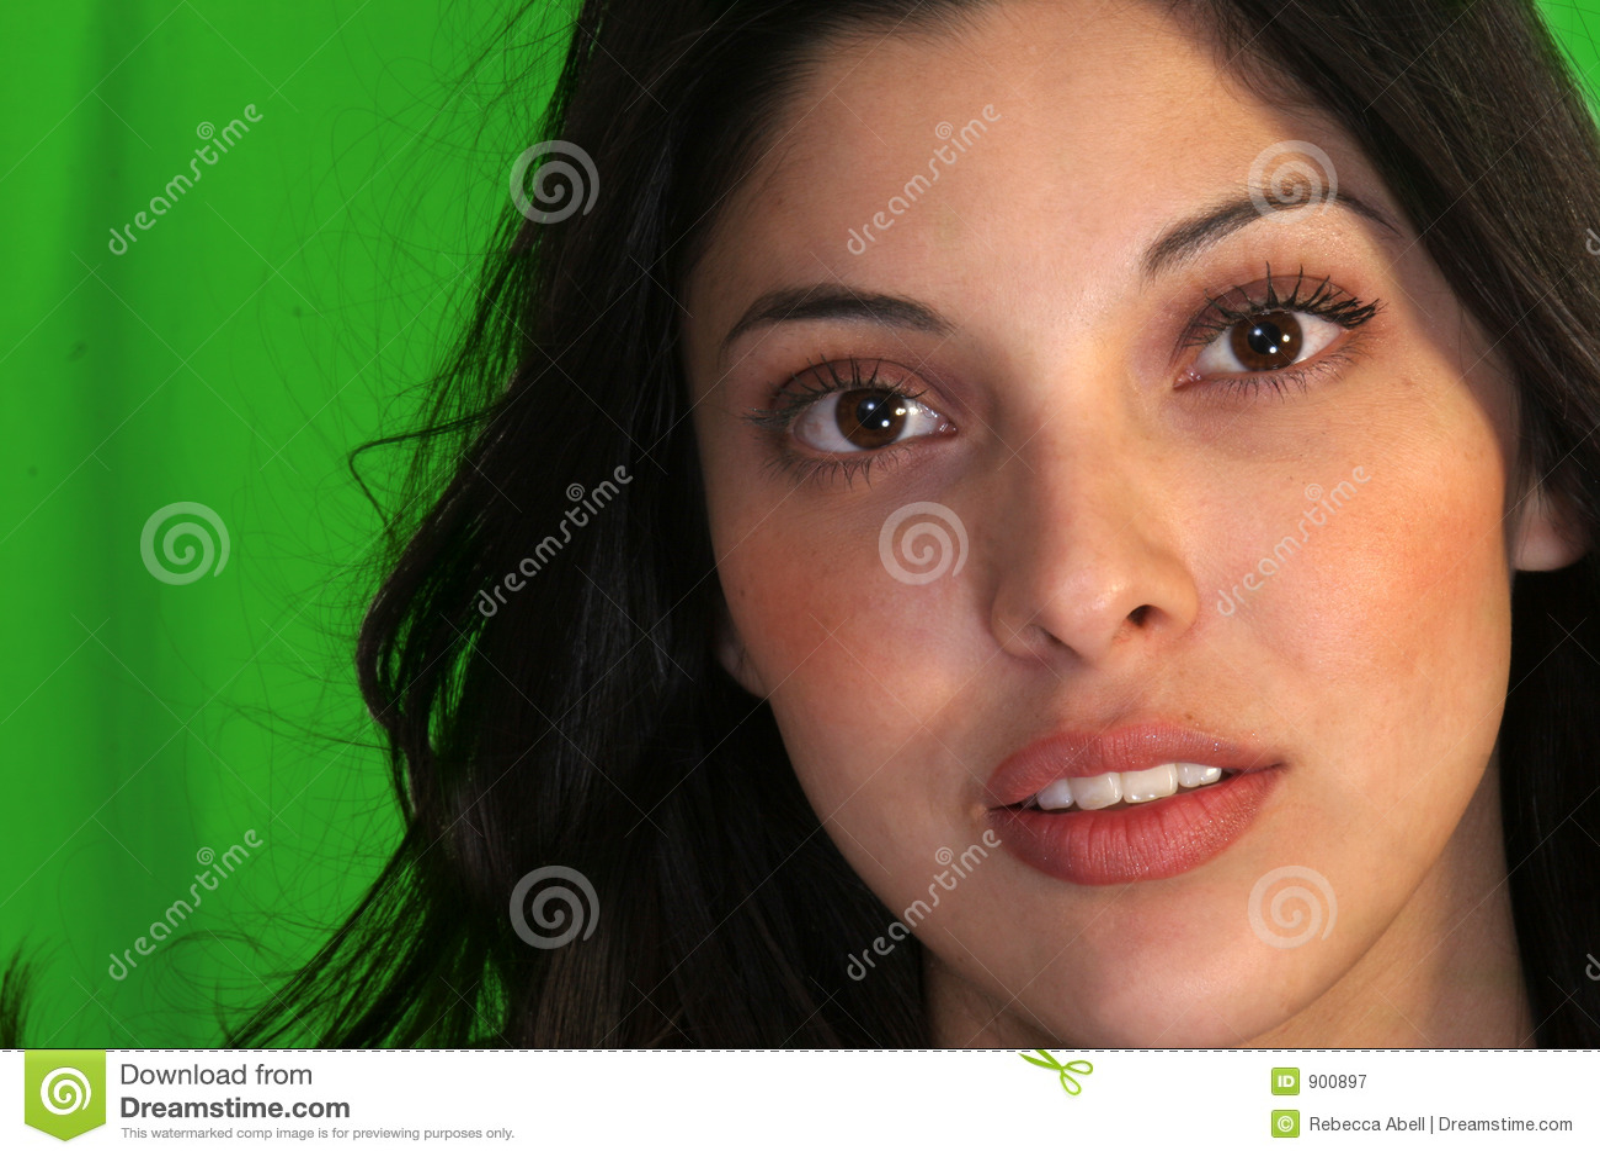 Pretty Latina Faces 85